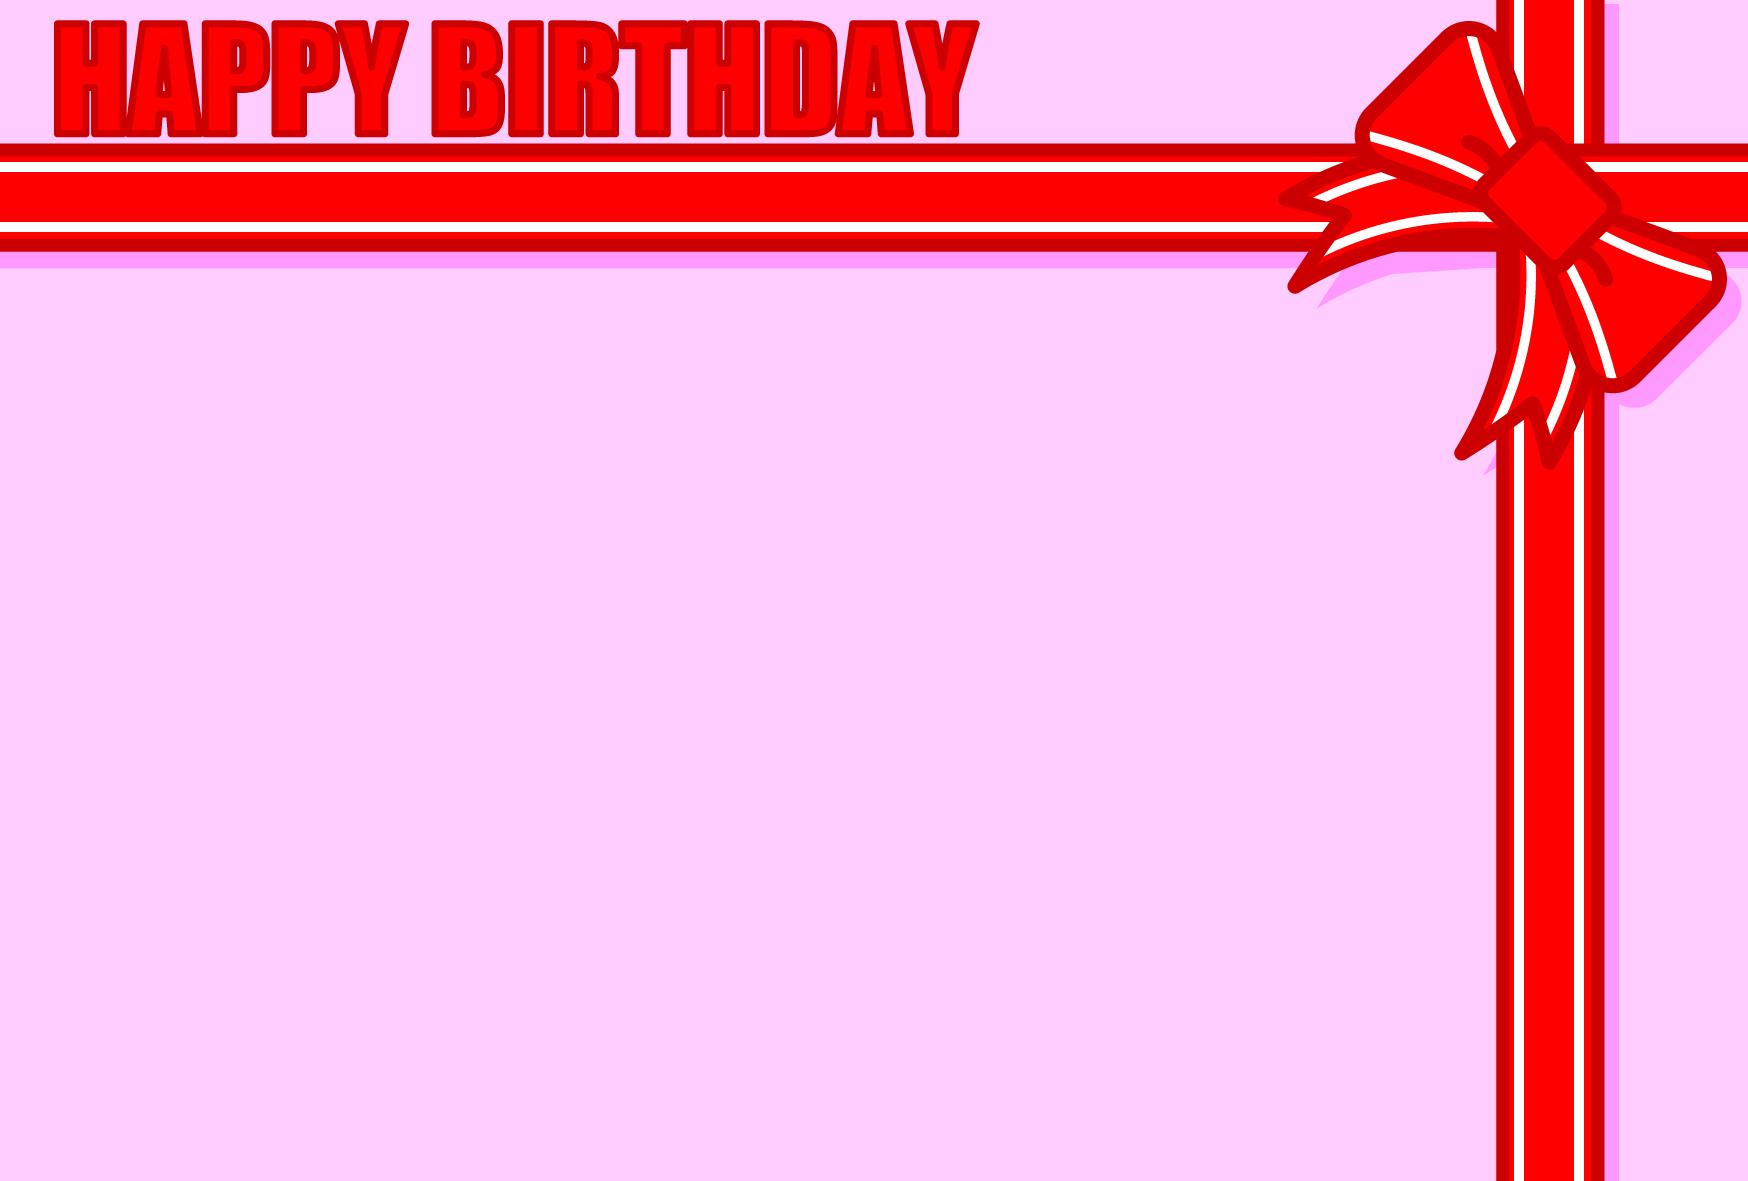 ソフトタッチでかわいい誕生日(バースデー)メッセージカードの無料イラスト・商用フリー